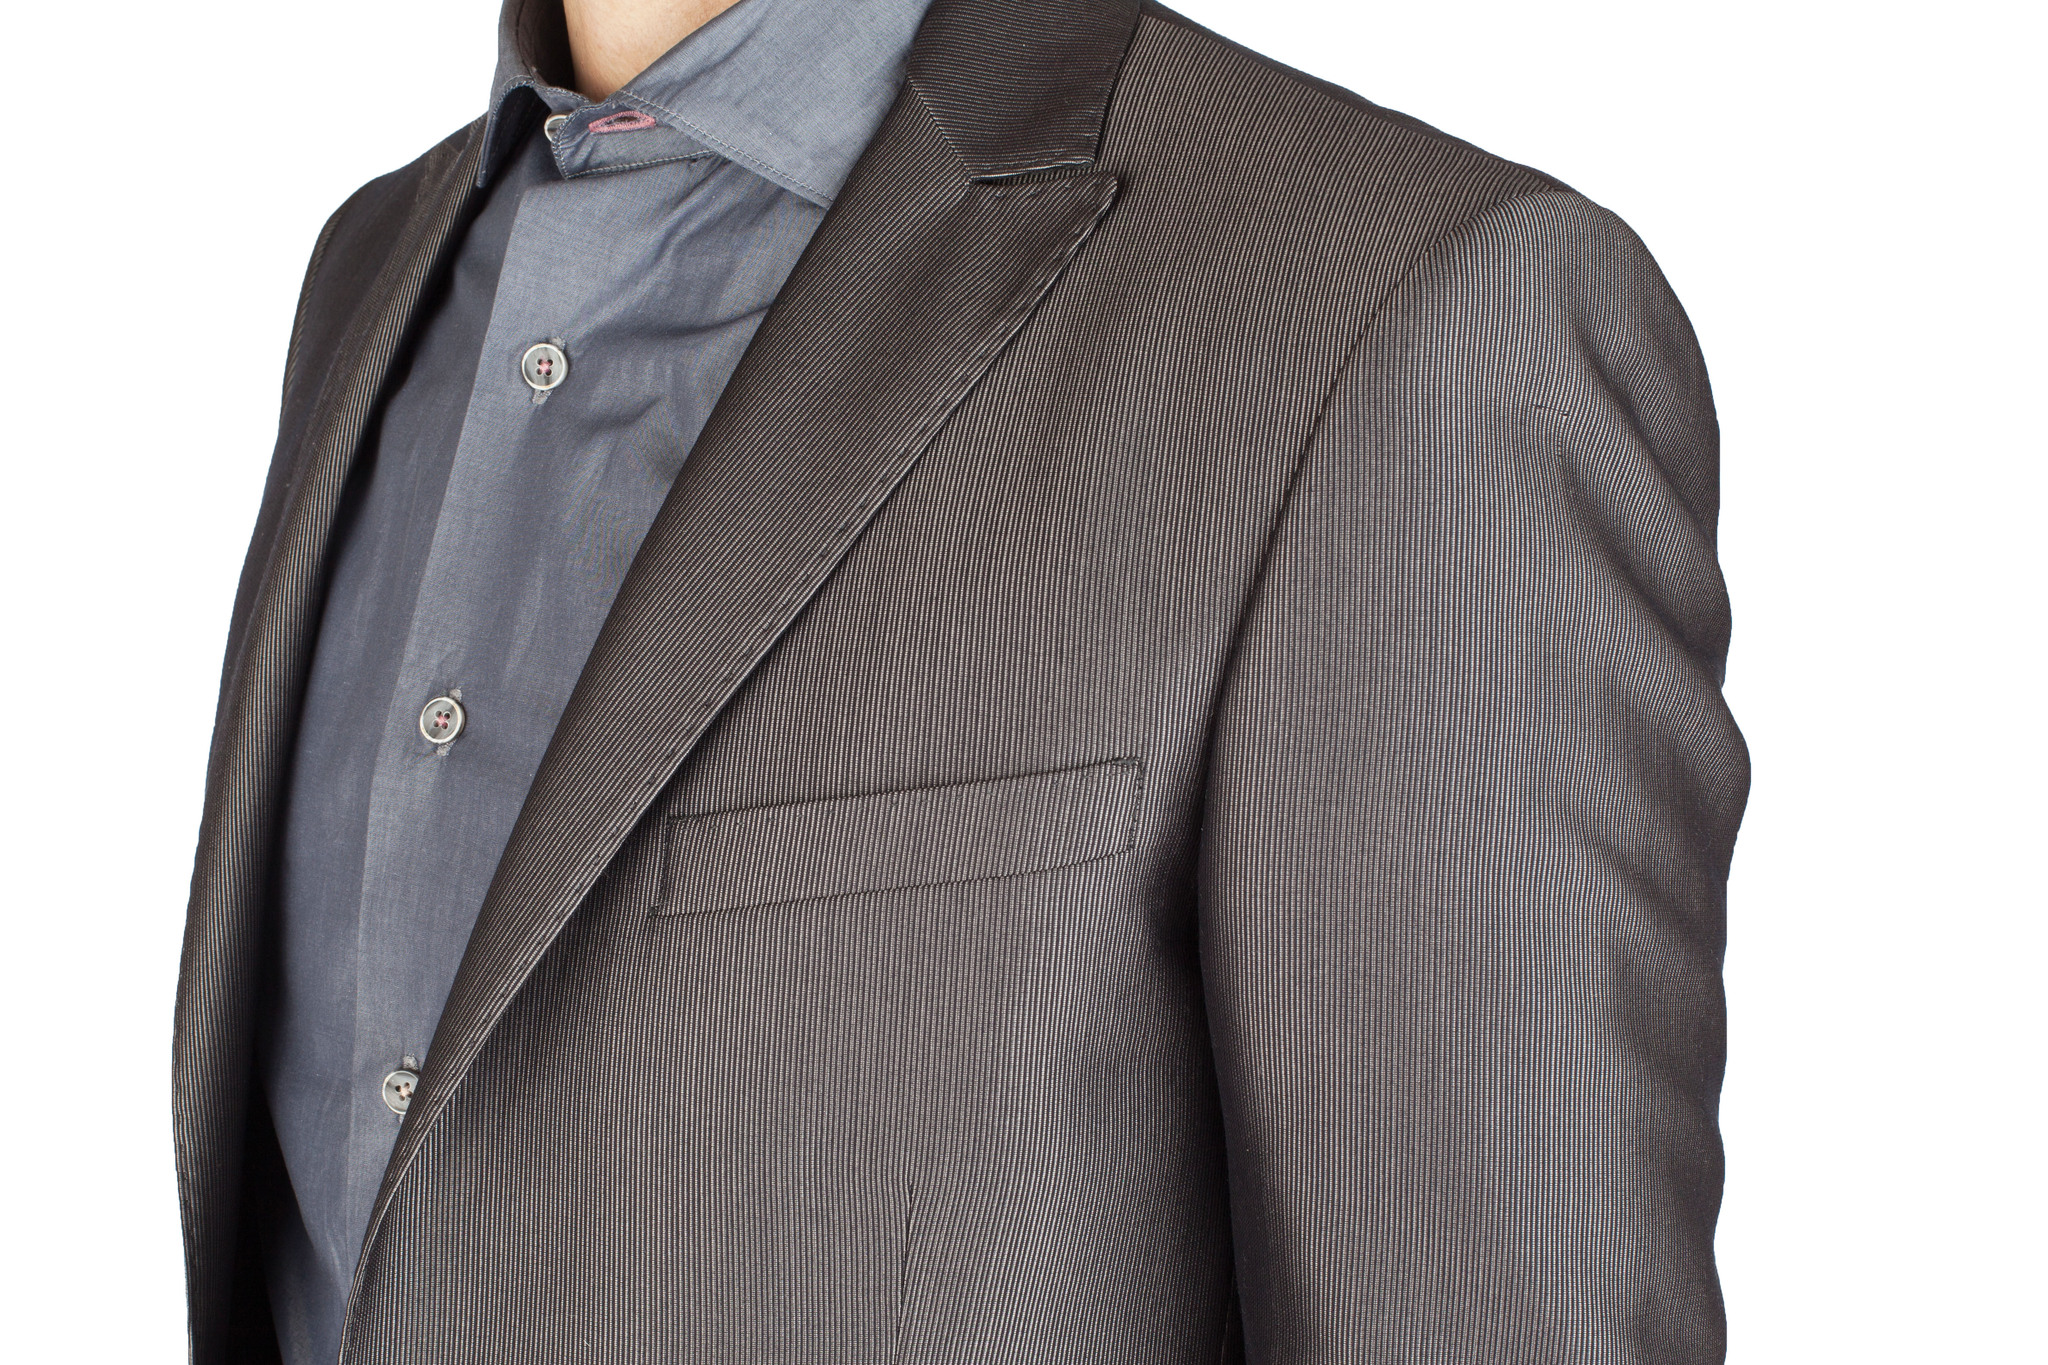 Серый немного блестящий шерстяной костюм продюсера рок-группы, нагрудный карман